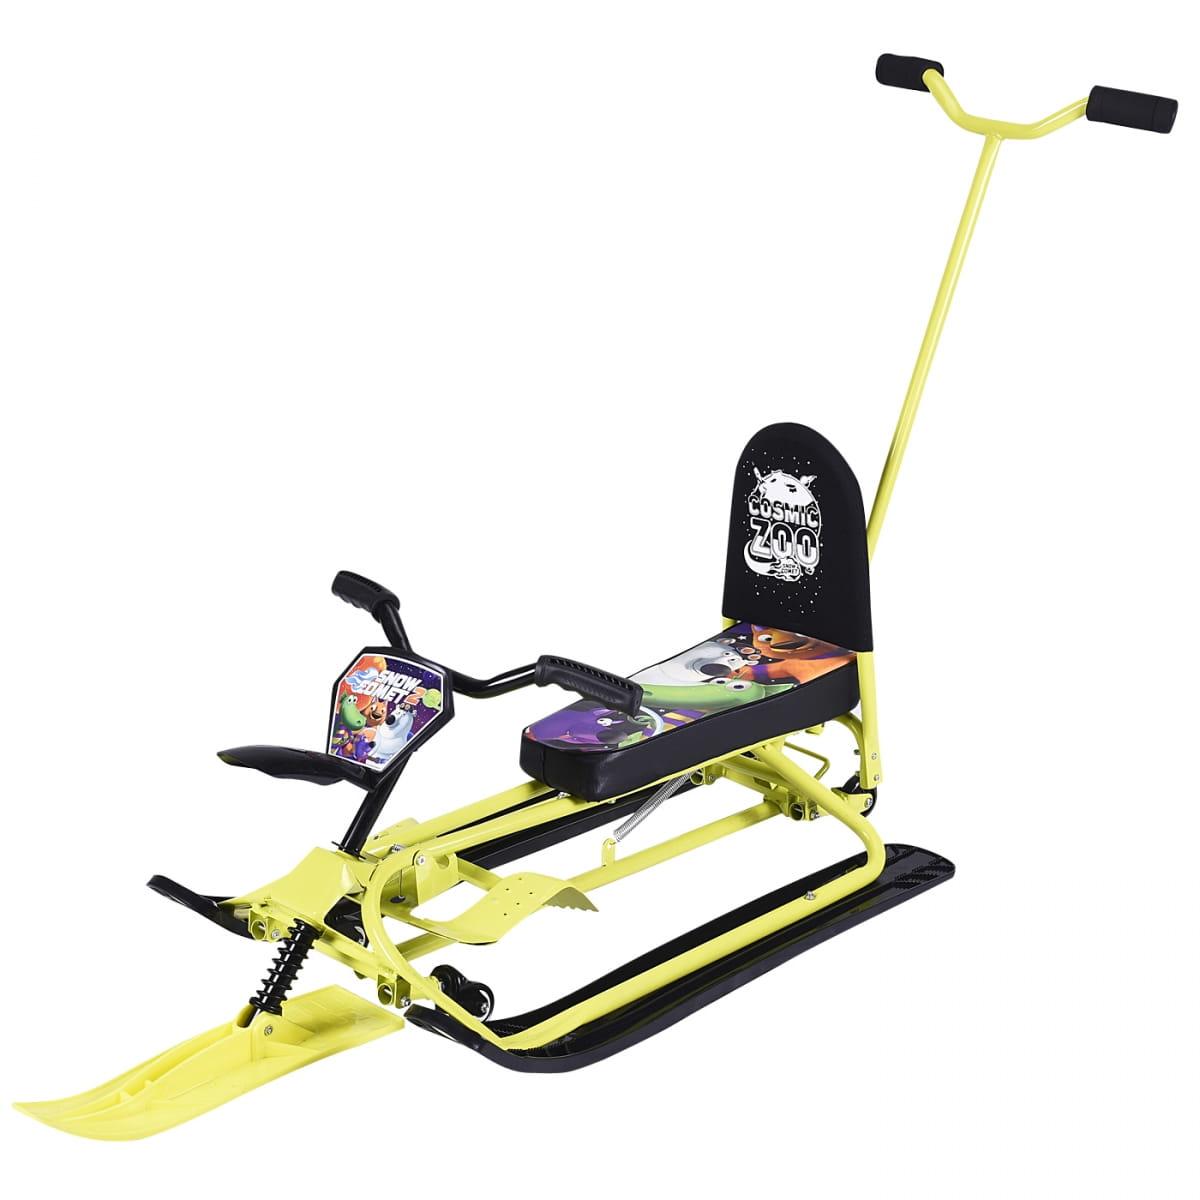 Детский снегокат-трансформер Small Rider 1373660 Snow Comet 2 Deluxe - лайм